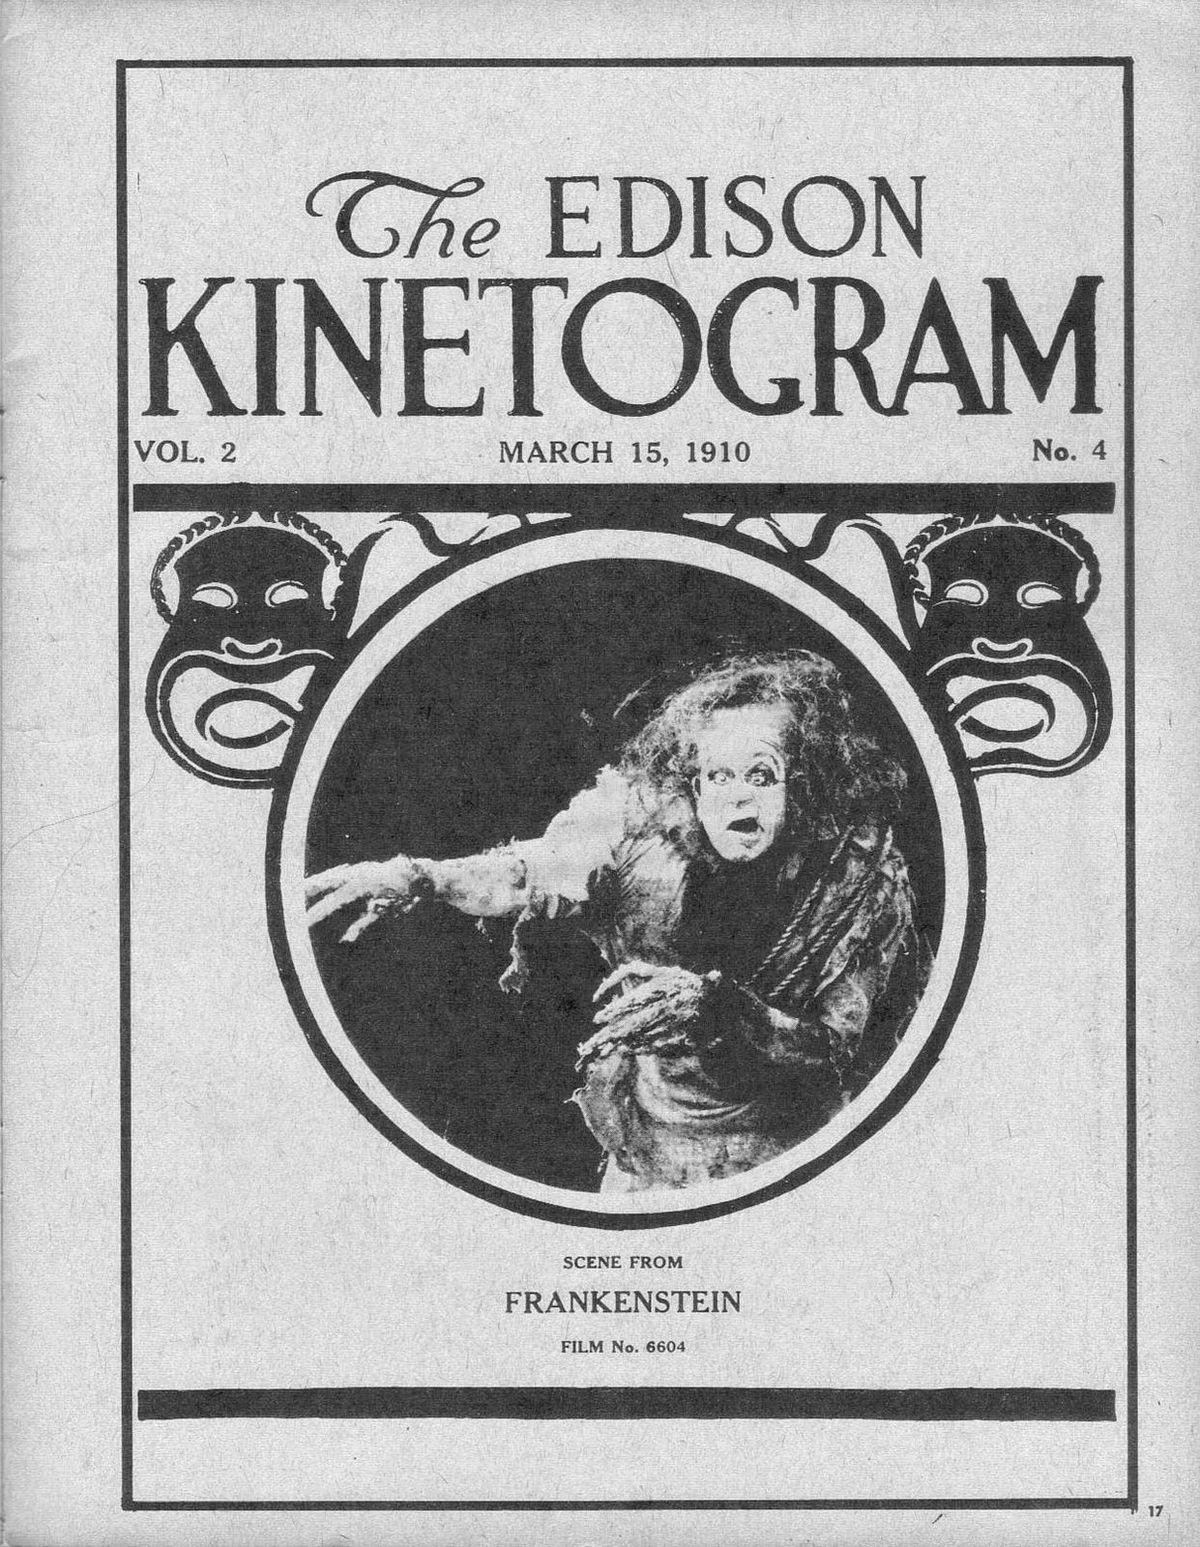 The Edison Kinetogram Frankenstein movie poster, 1910